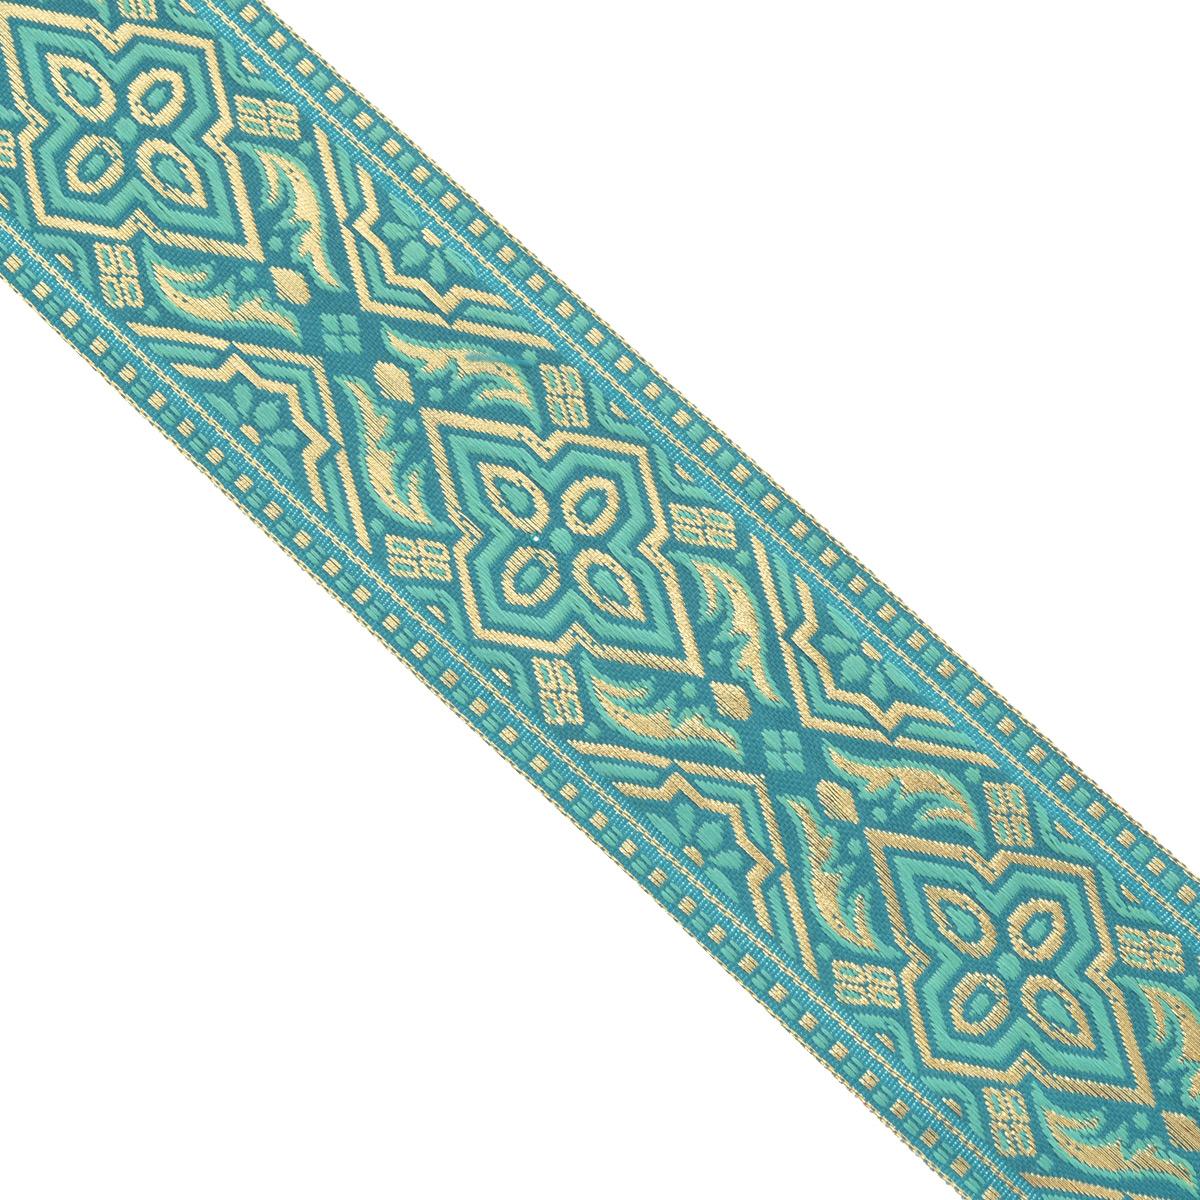 Тесьма декоративная Астра, цвет: бирюзовый, ширина 4 см, длина 16,4 м. 77033937703393Декоративная тесьма Астра выполнена из текстиля и оформлена оригинальным орнаментом. Такая тесьма идеально подойдет для оформления различных творческих работ таких, как скрапбукинг, аппликация, декор коробок и открыток и многое другое. Тесьма наивысшего качества и практична в использовании. Она станет незаменимым элементом в создании рукотворного шедевра. Ширина: 4 см. Длина: 16,4 м.